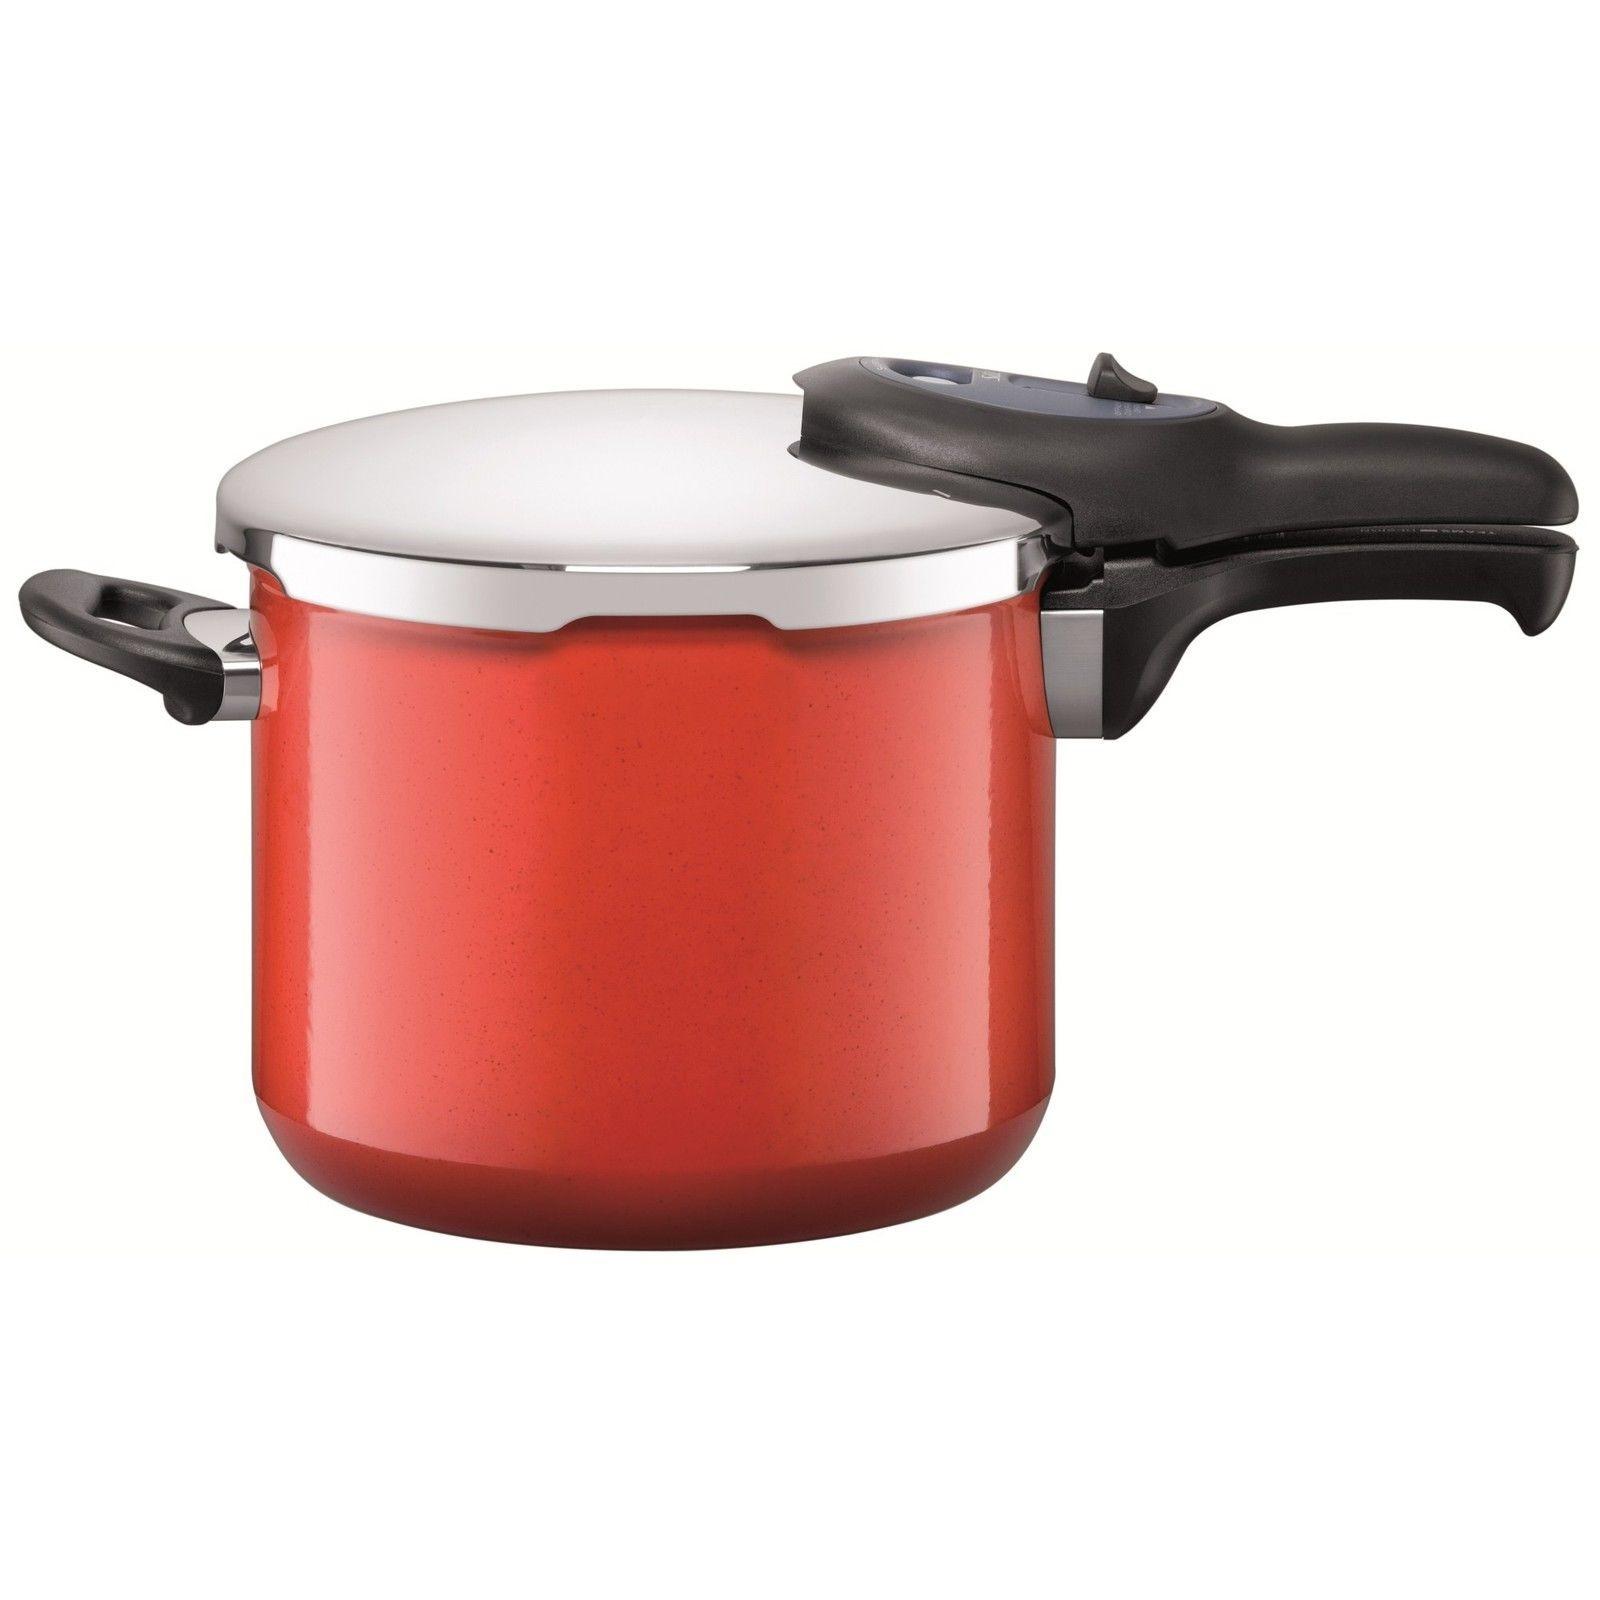 Χύτρα Ταχύτητος Silit 6,5lt Sicomatic Energy Red home   σκευη μαγειρικης   κατσαρόλες χύτρες   χύτρες ταχύτητας